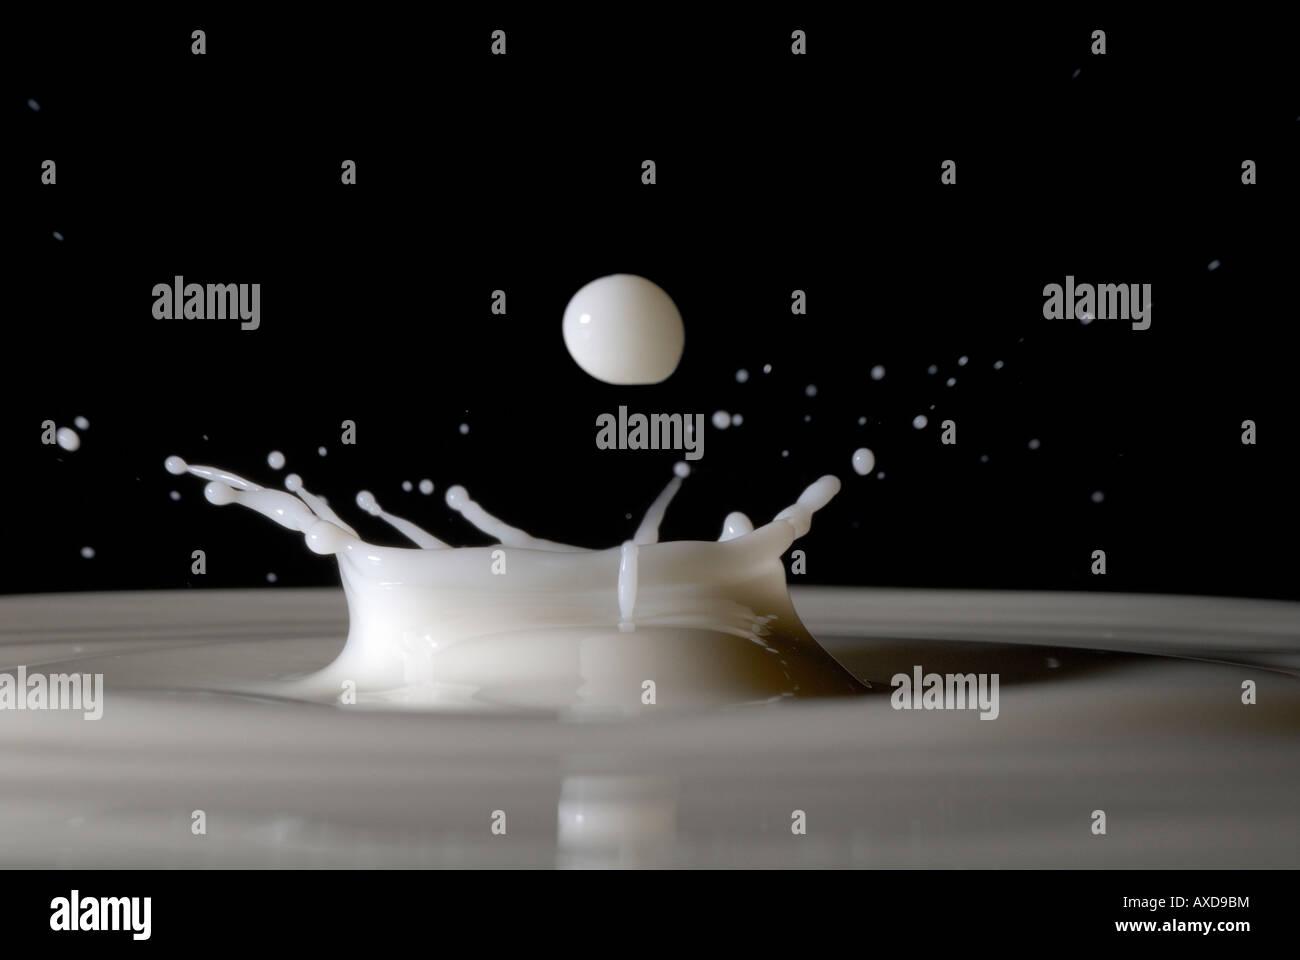 Drops of milk splashing - Stock Image